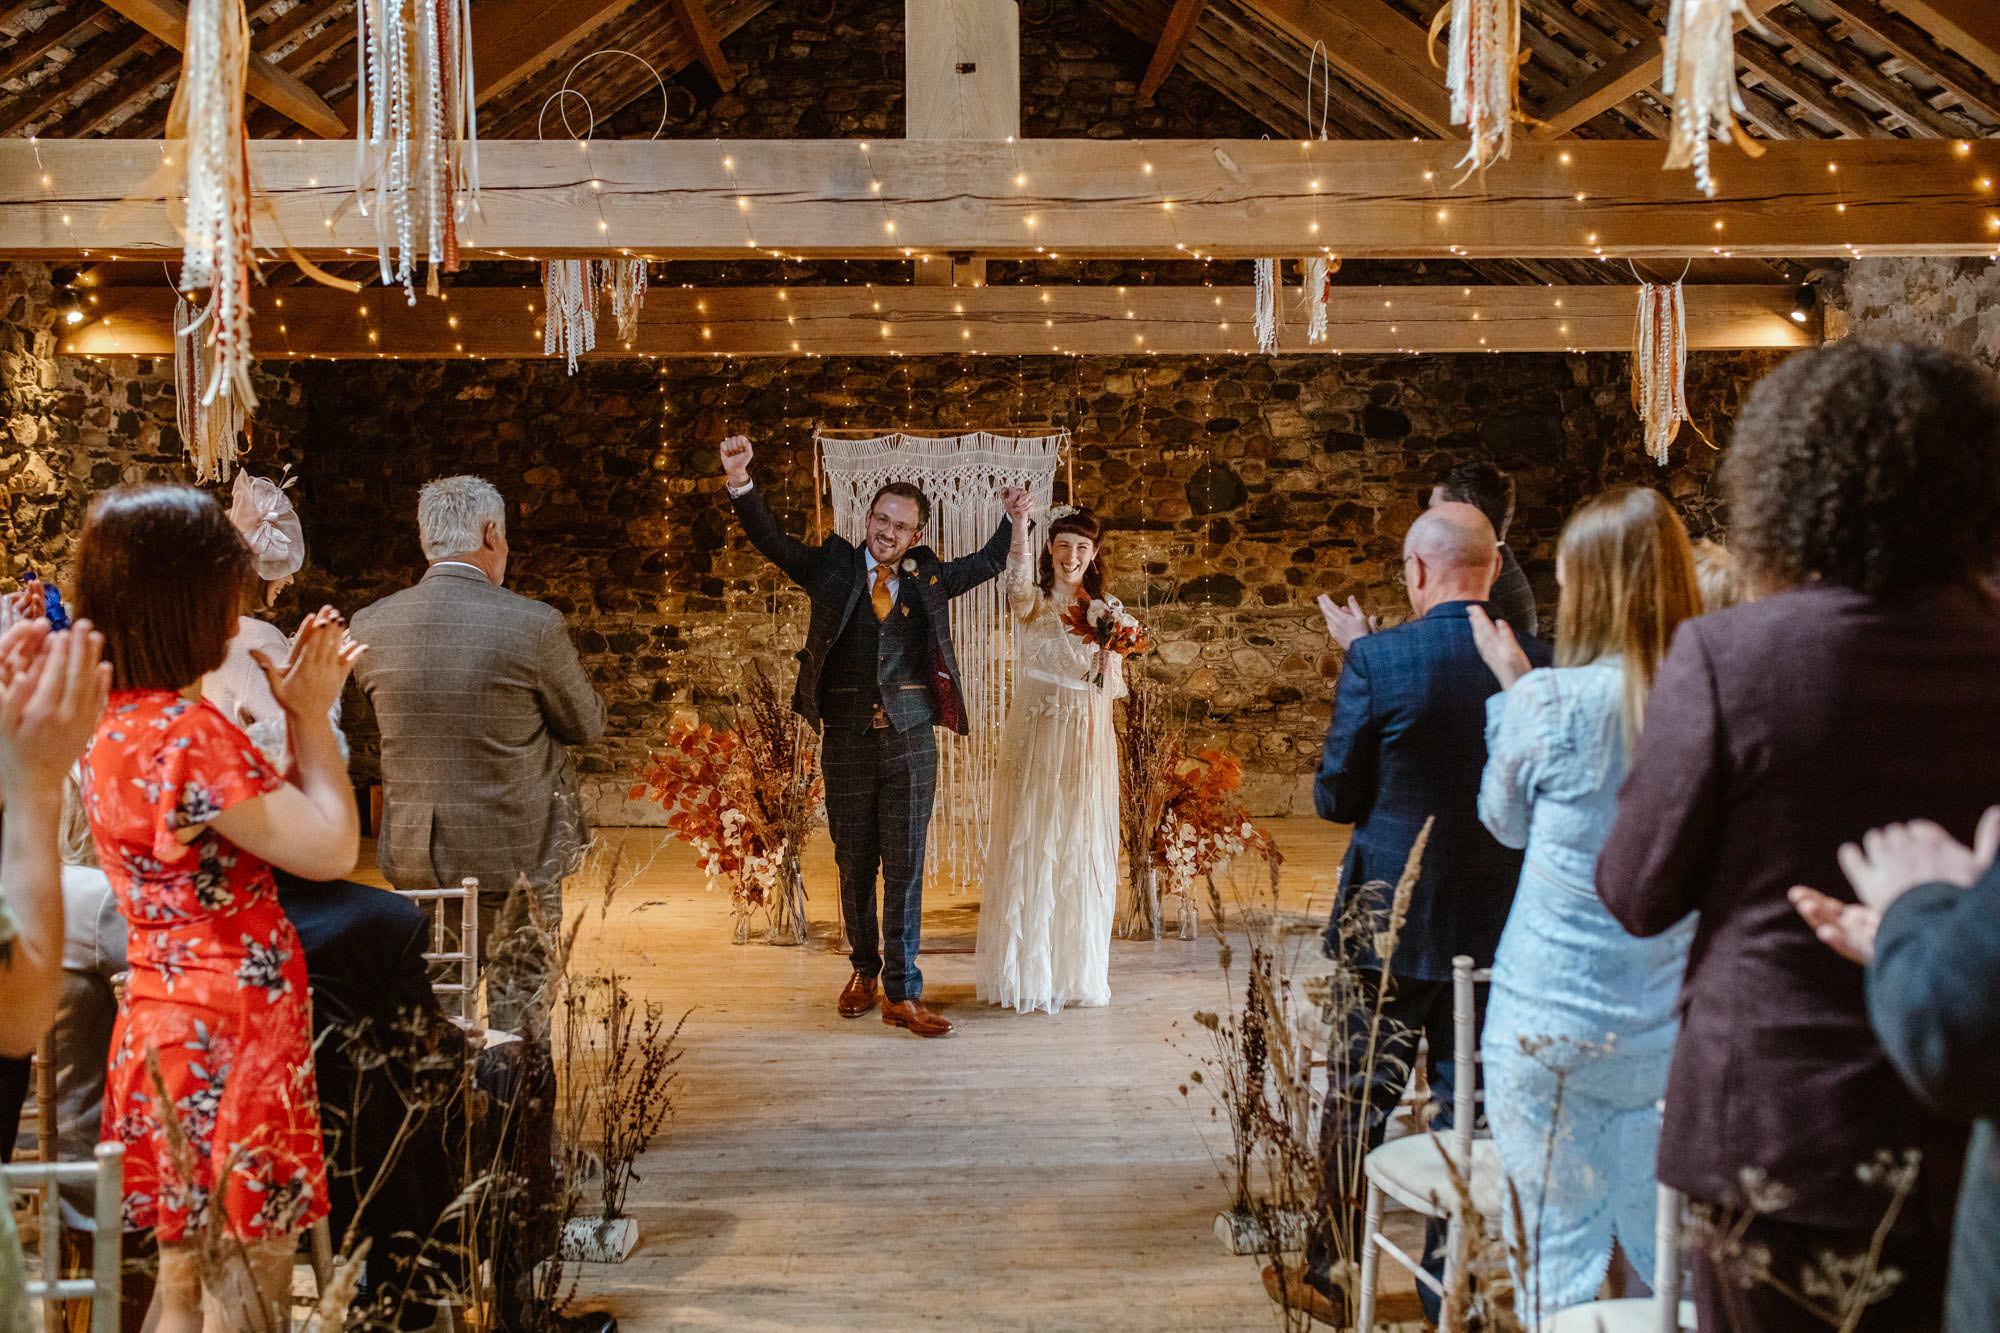 barn wedding venue, countryside wedding venue, farmhouse wedding, farmhouse wedding venue, lake district wedding venue, Low Hall The Lakes, magical wedding venue, rustic wedding venue, woodland wedding venue